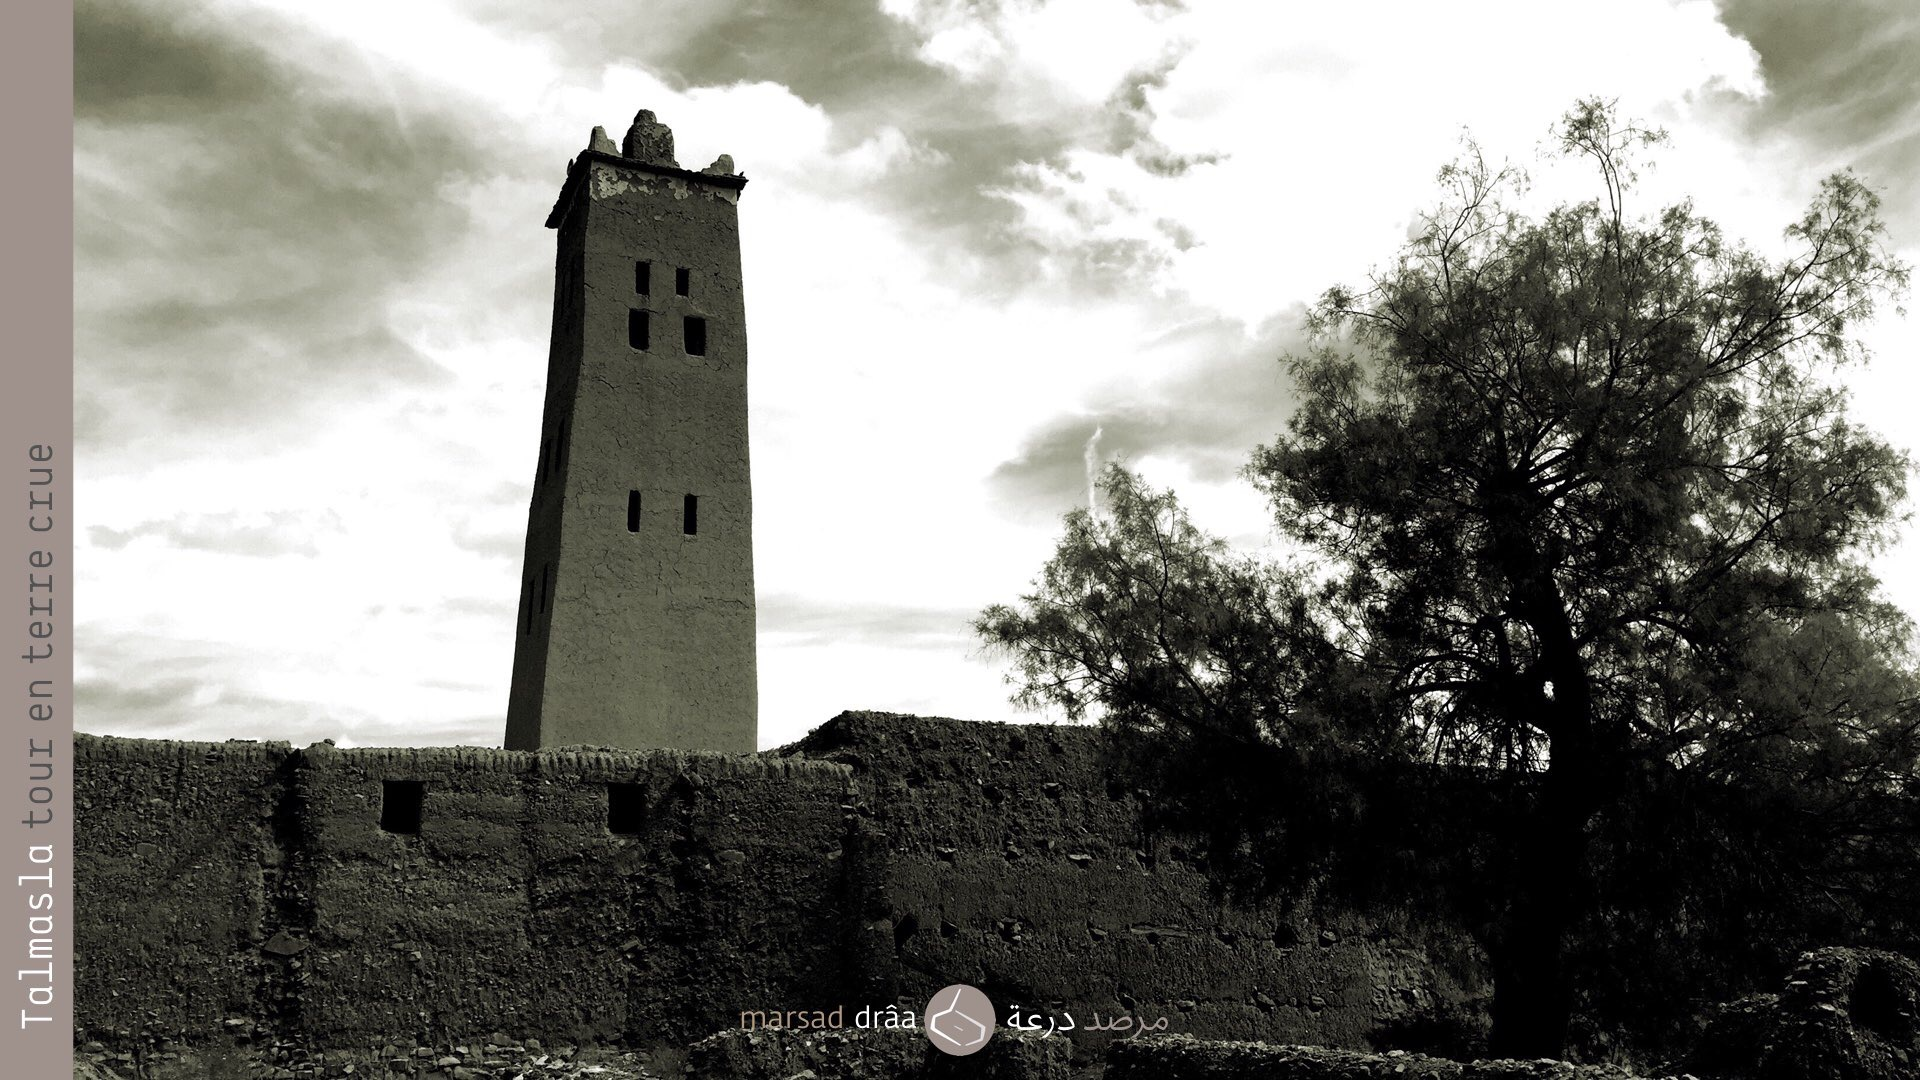 5. Mais dans le patrimoine architectural, on rencontre des exemples des tours faites en terre crue, c'est le cas du minaret de la mosquée de Talmasla, dans la palmeraie de Tinzouline, une des 5 minarets en terre de la province de Zagora (il y a plus de 300 mosquées bâties en terre).